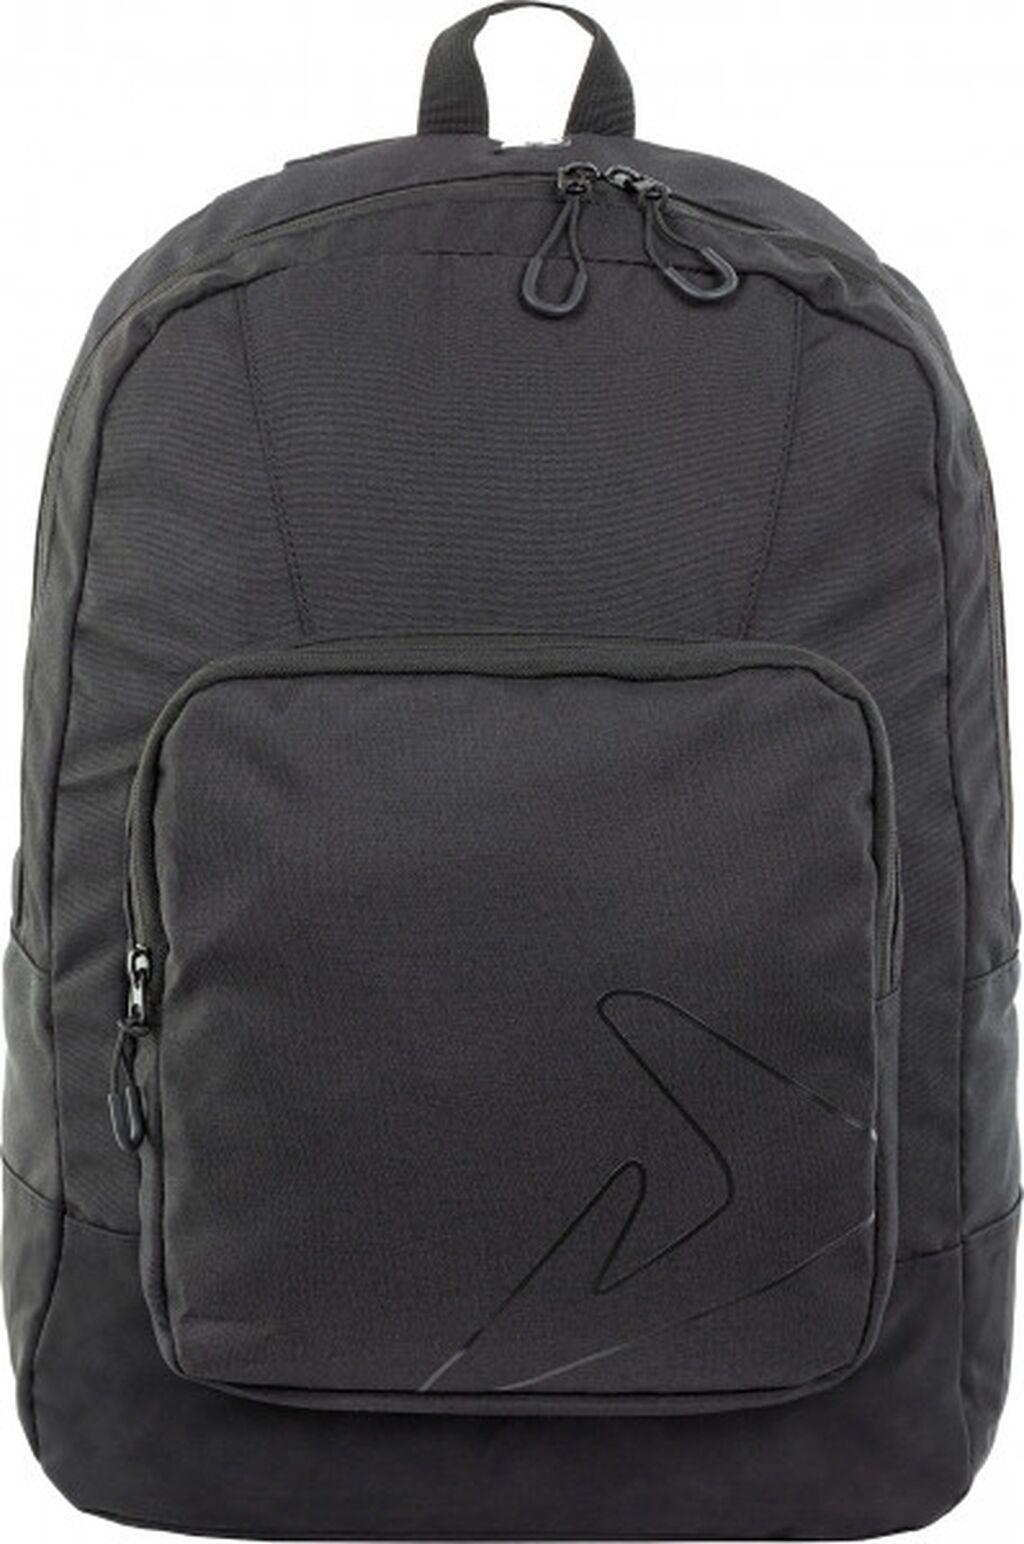 Продаю Новый рюкзак от Demix: Продаю Новый рюкзак от Demix